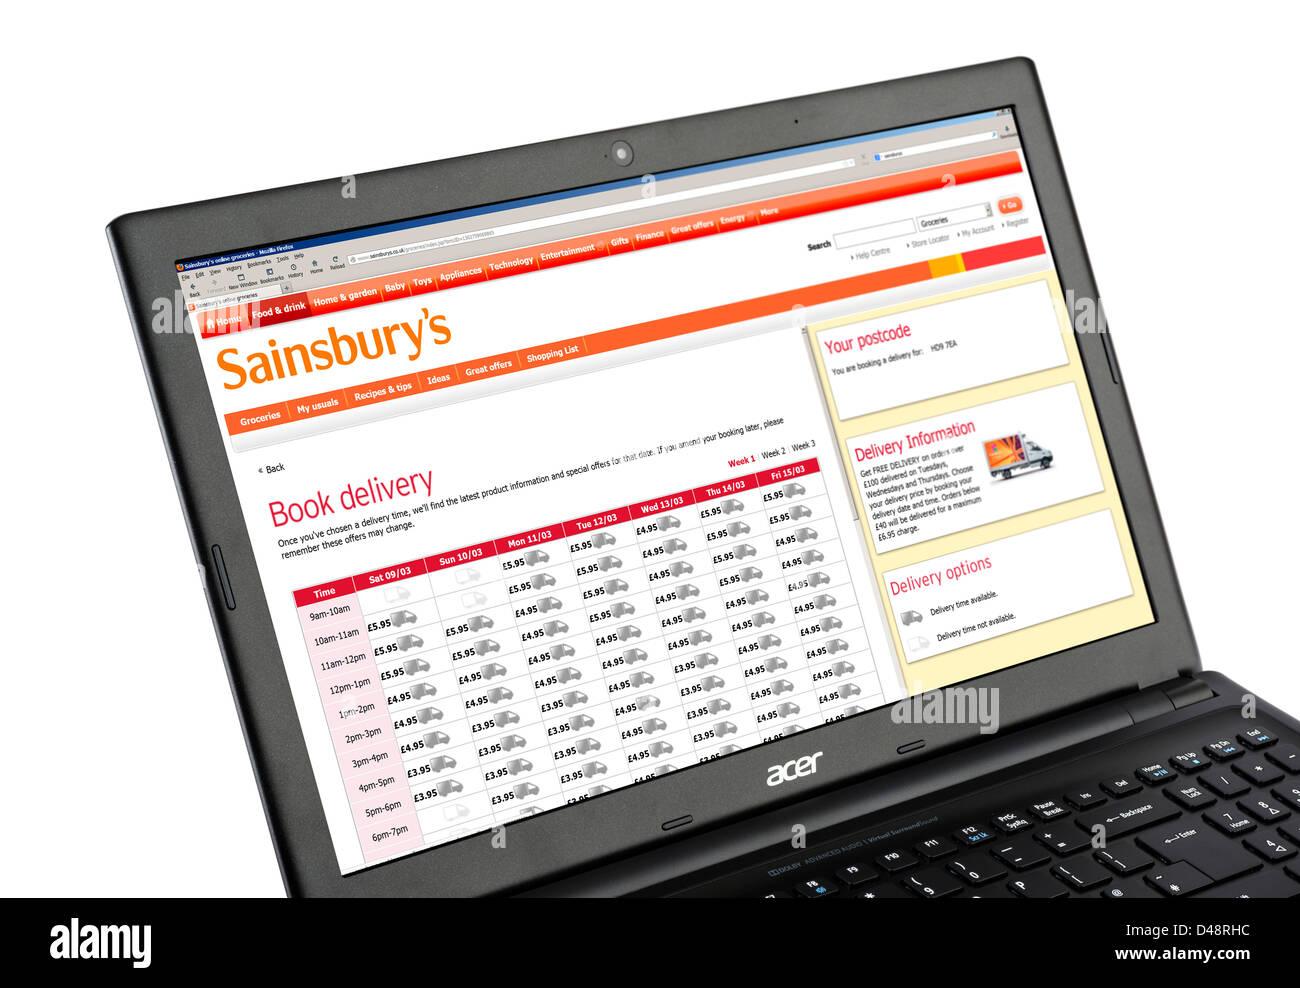 Buchen Sie eine Hauszustellung online Sainsbury's shopping-Website, UK Stockbild